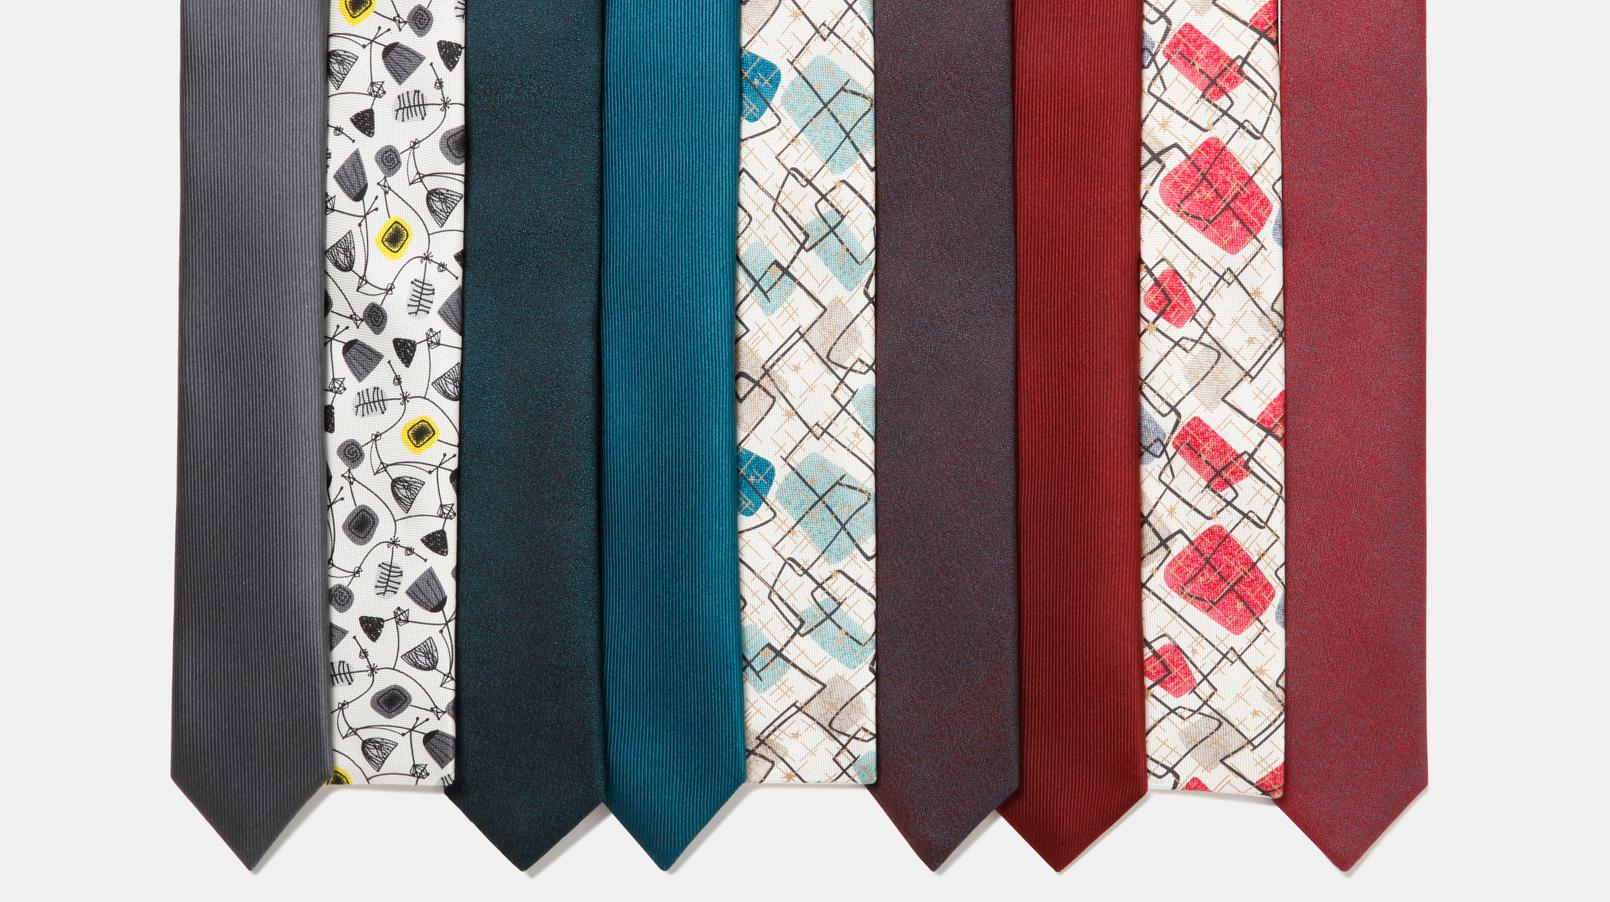 rivenditore online seleziona per ultimo compra meglio Cravatte, le ultime tendenze